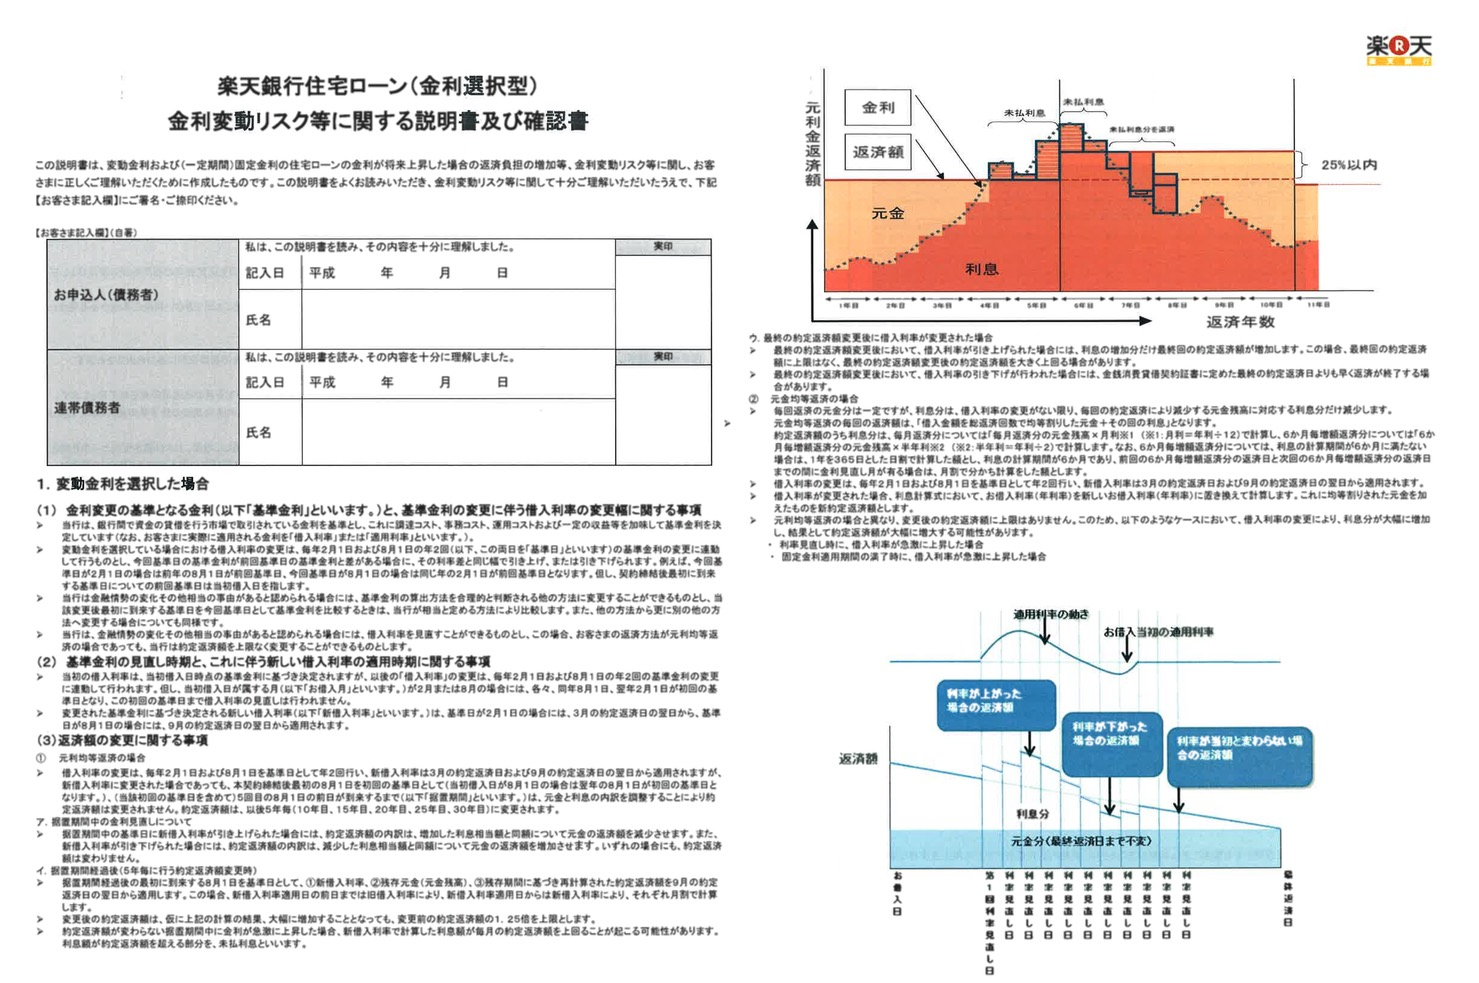 楽天銀行住宅ローン金利変動リスクに関する説明書の記入例